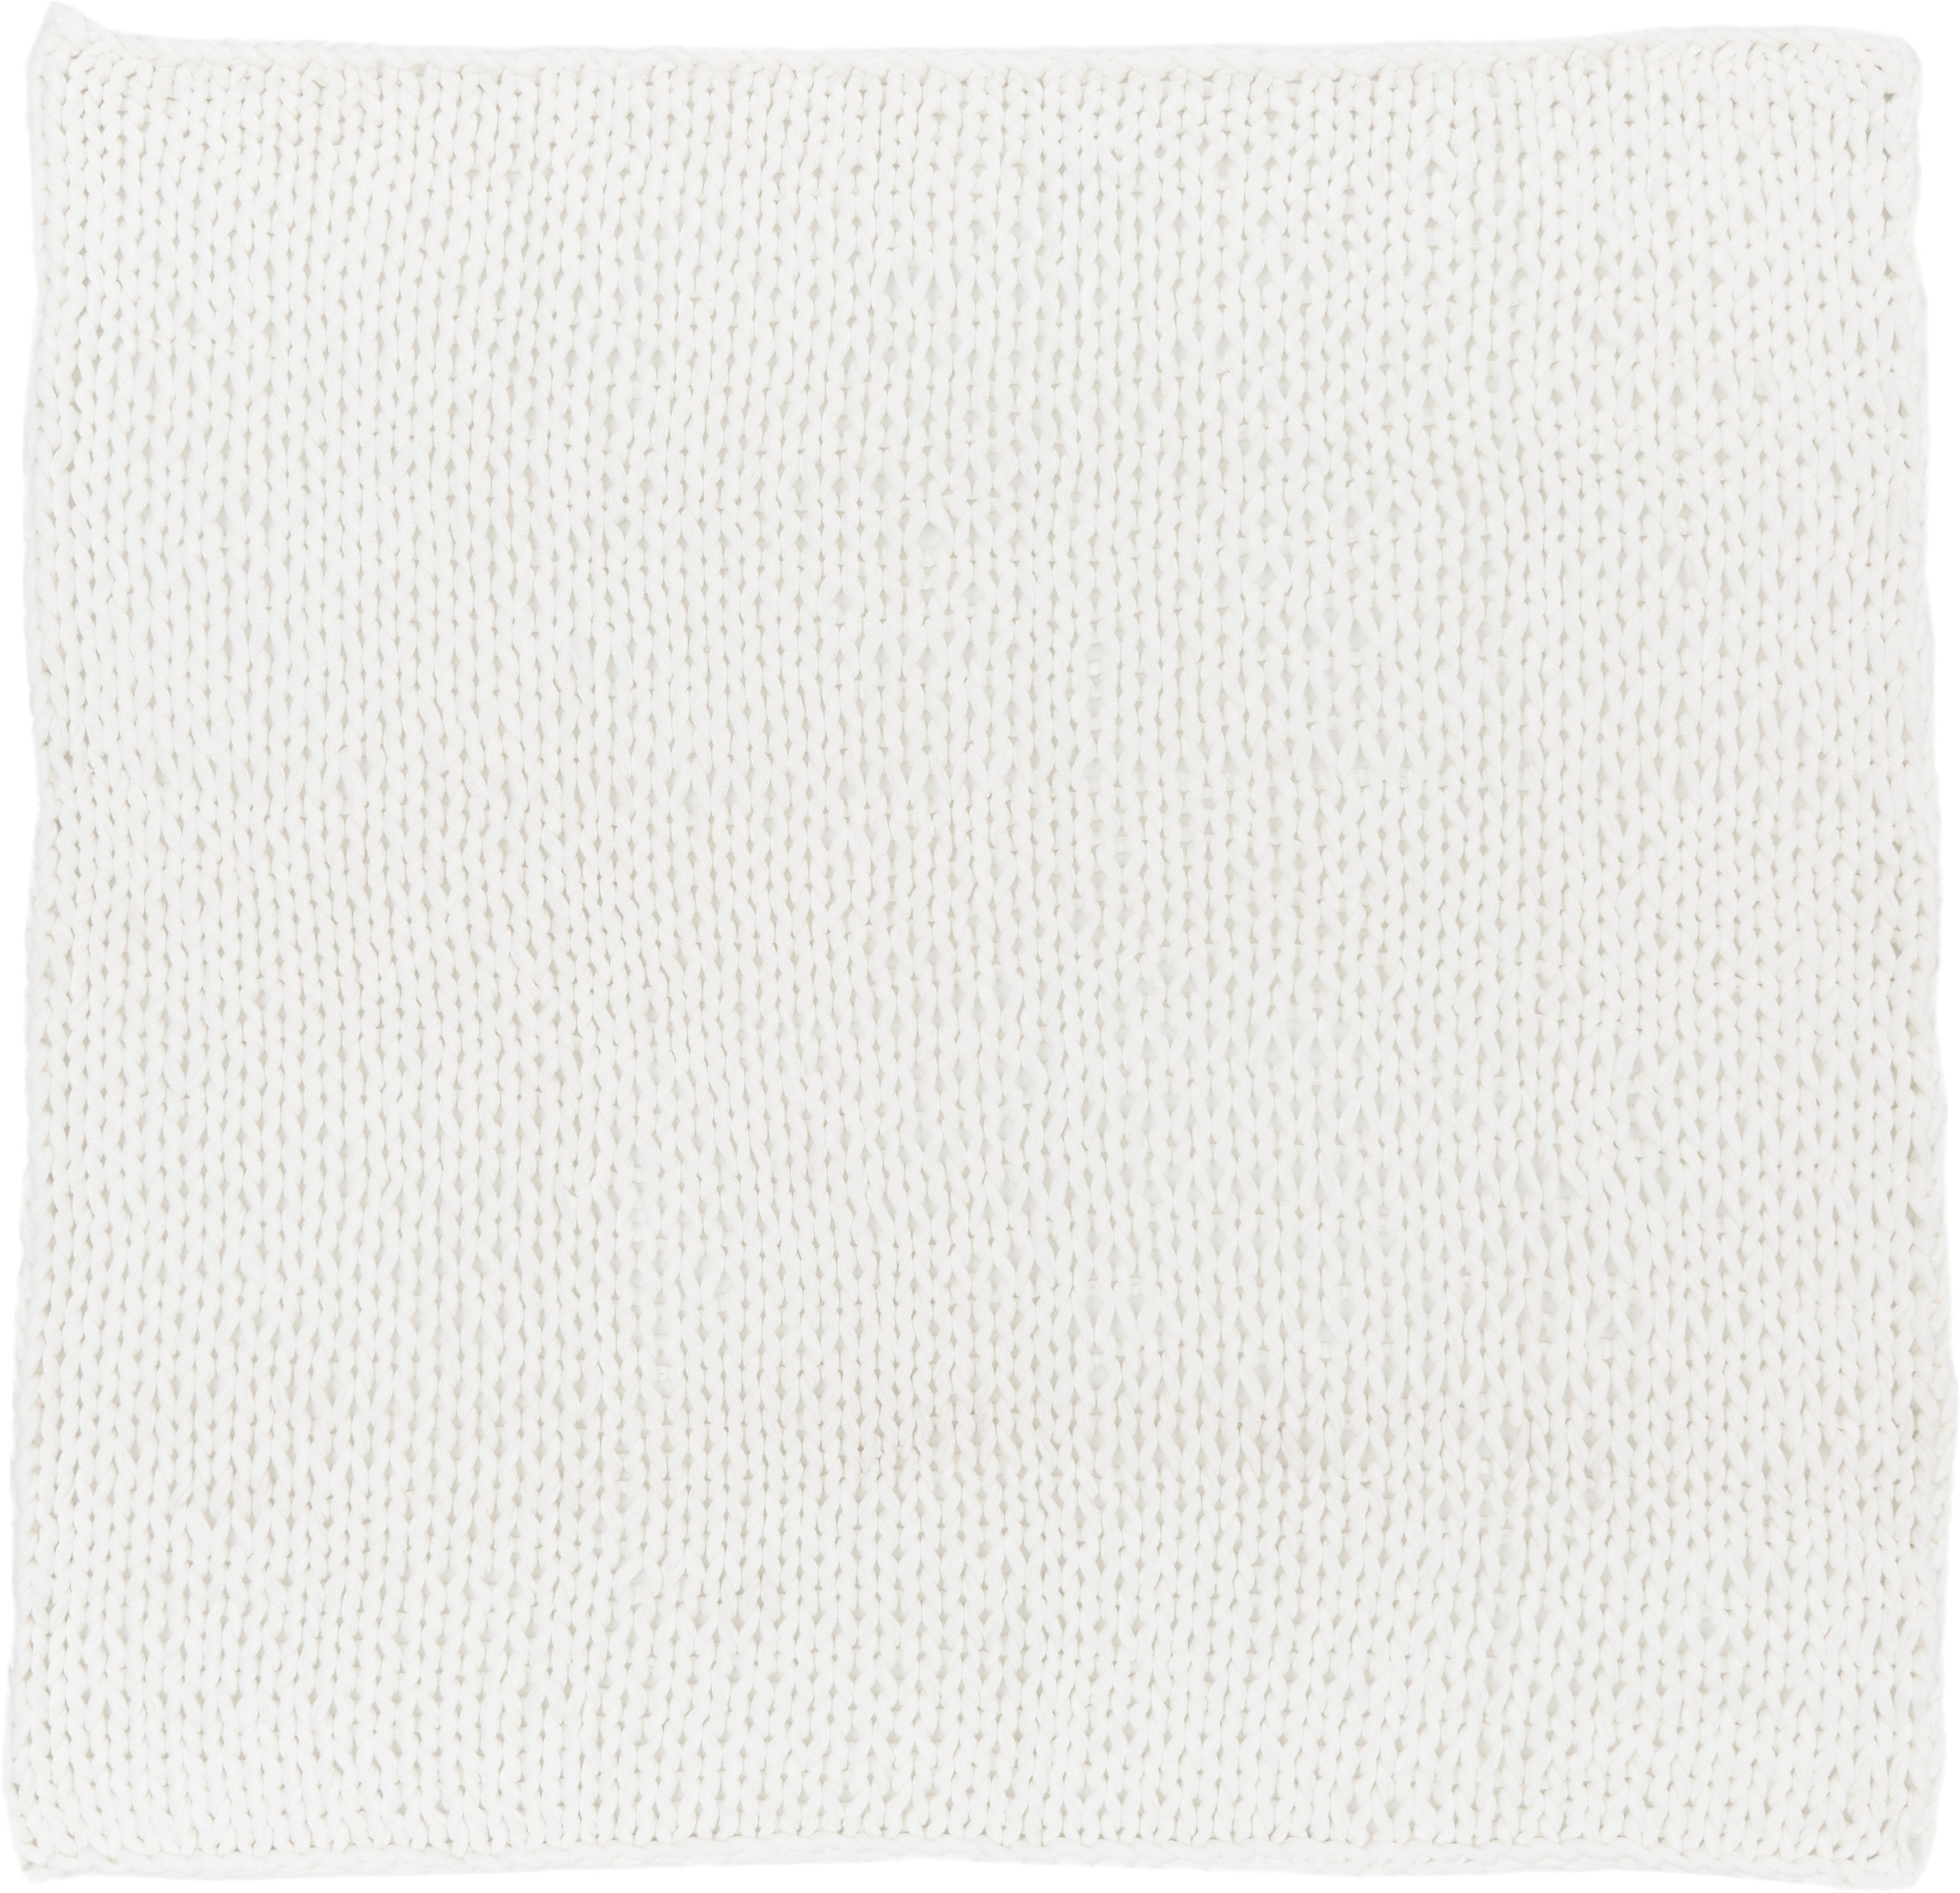 Grobes Strick-Plaid Adyna, 100% Acryl, Weiß, 150 x 200 cm